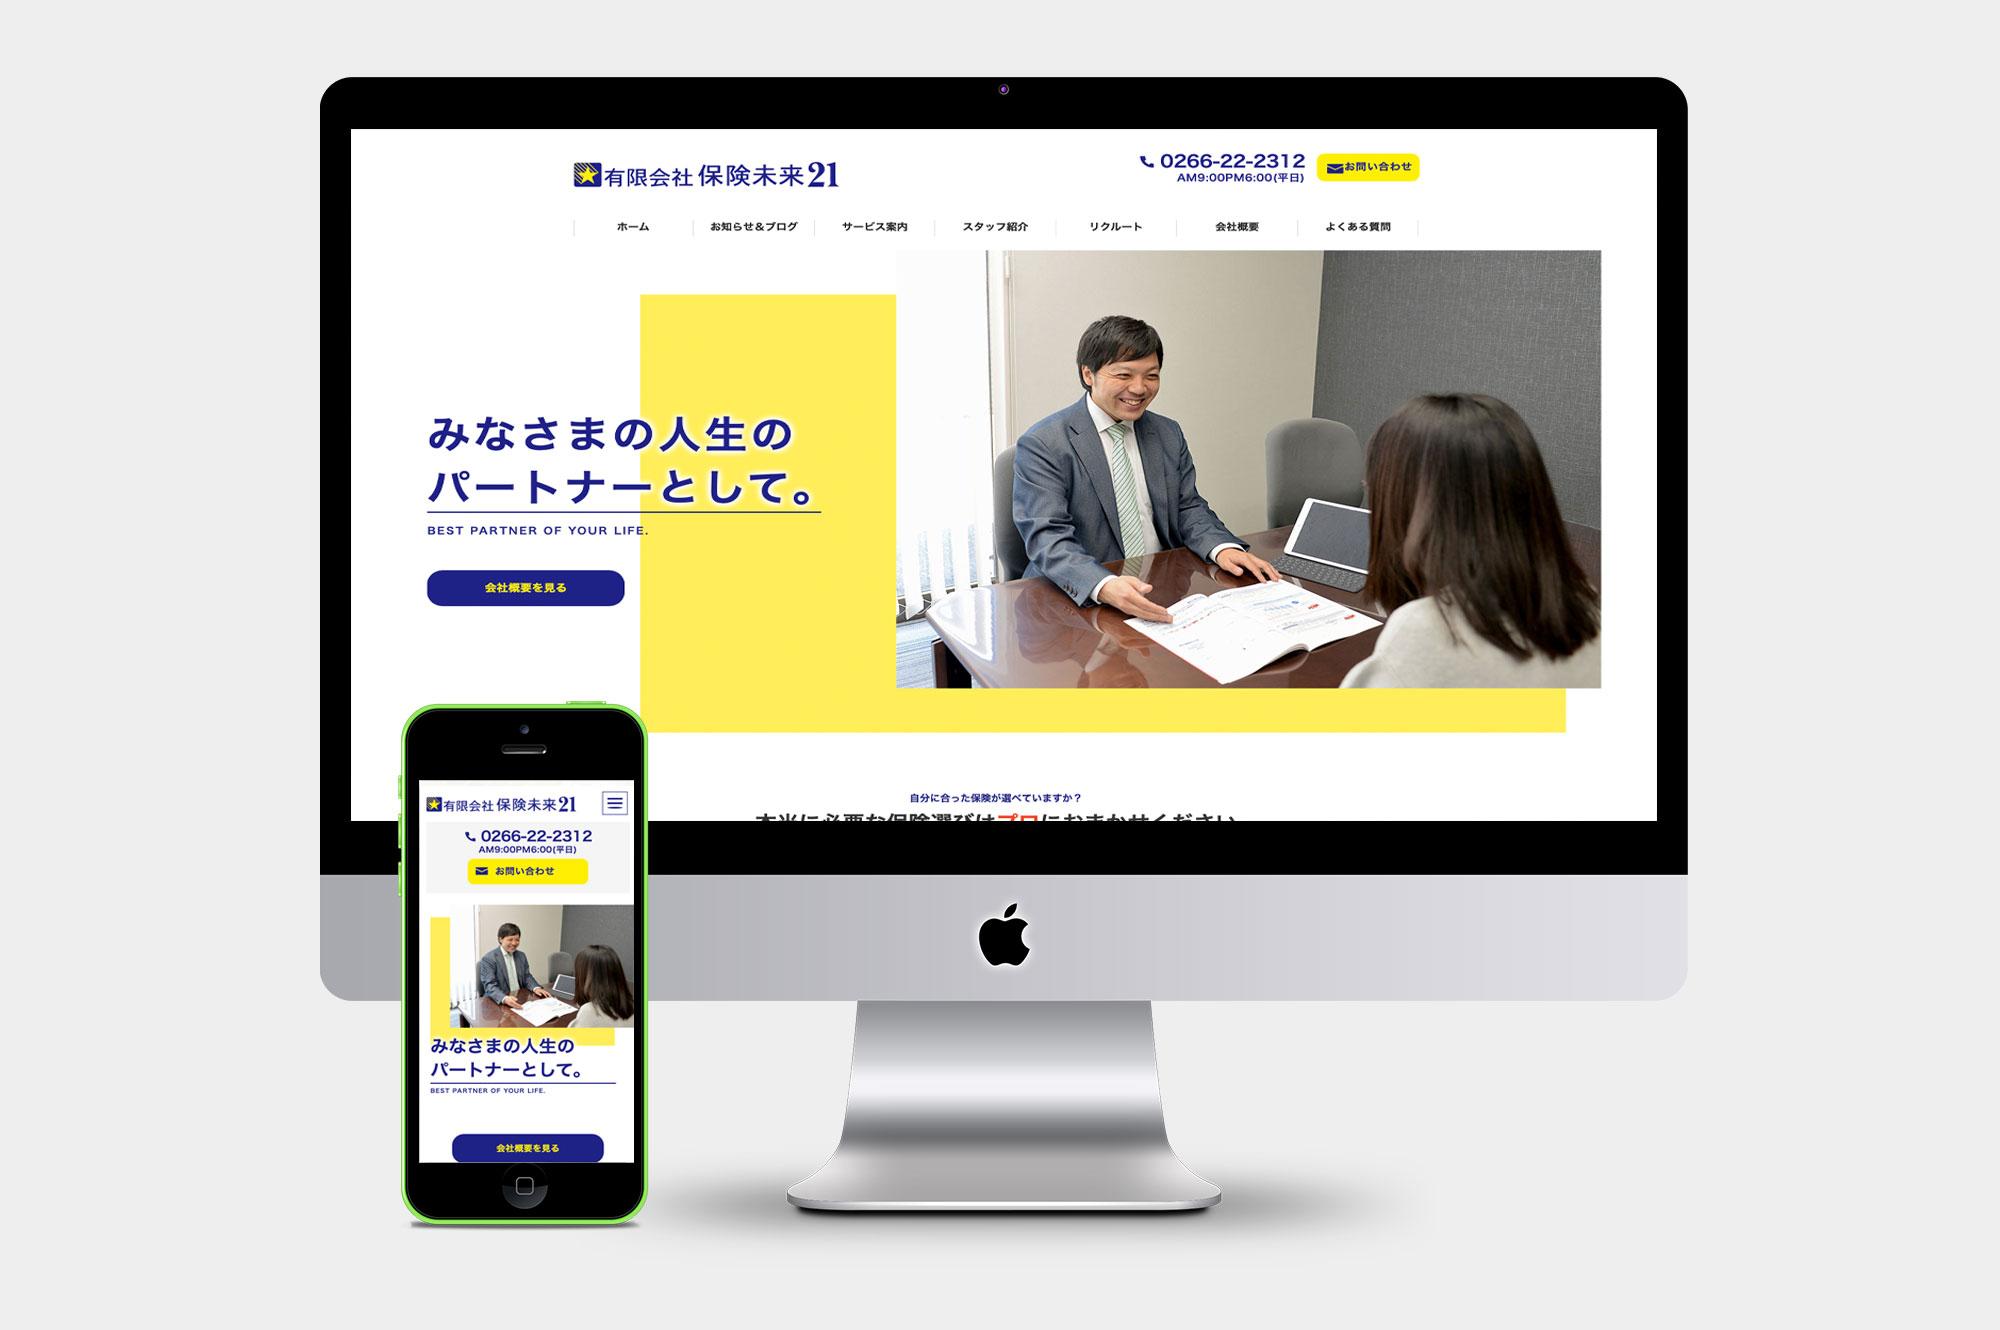 ホームページリニューアル(保険未来21様)